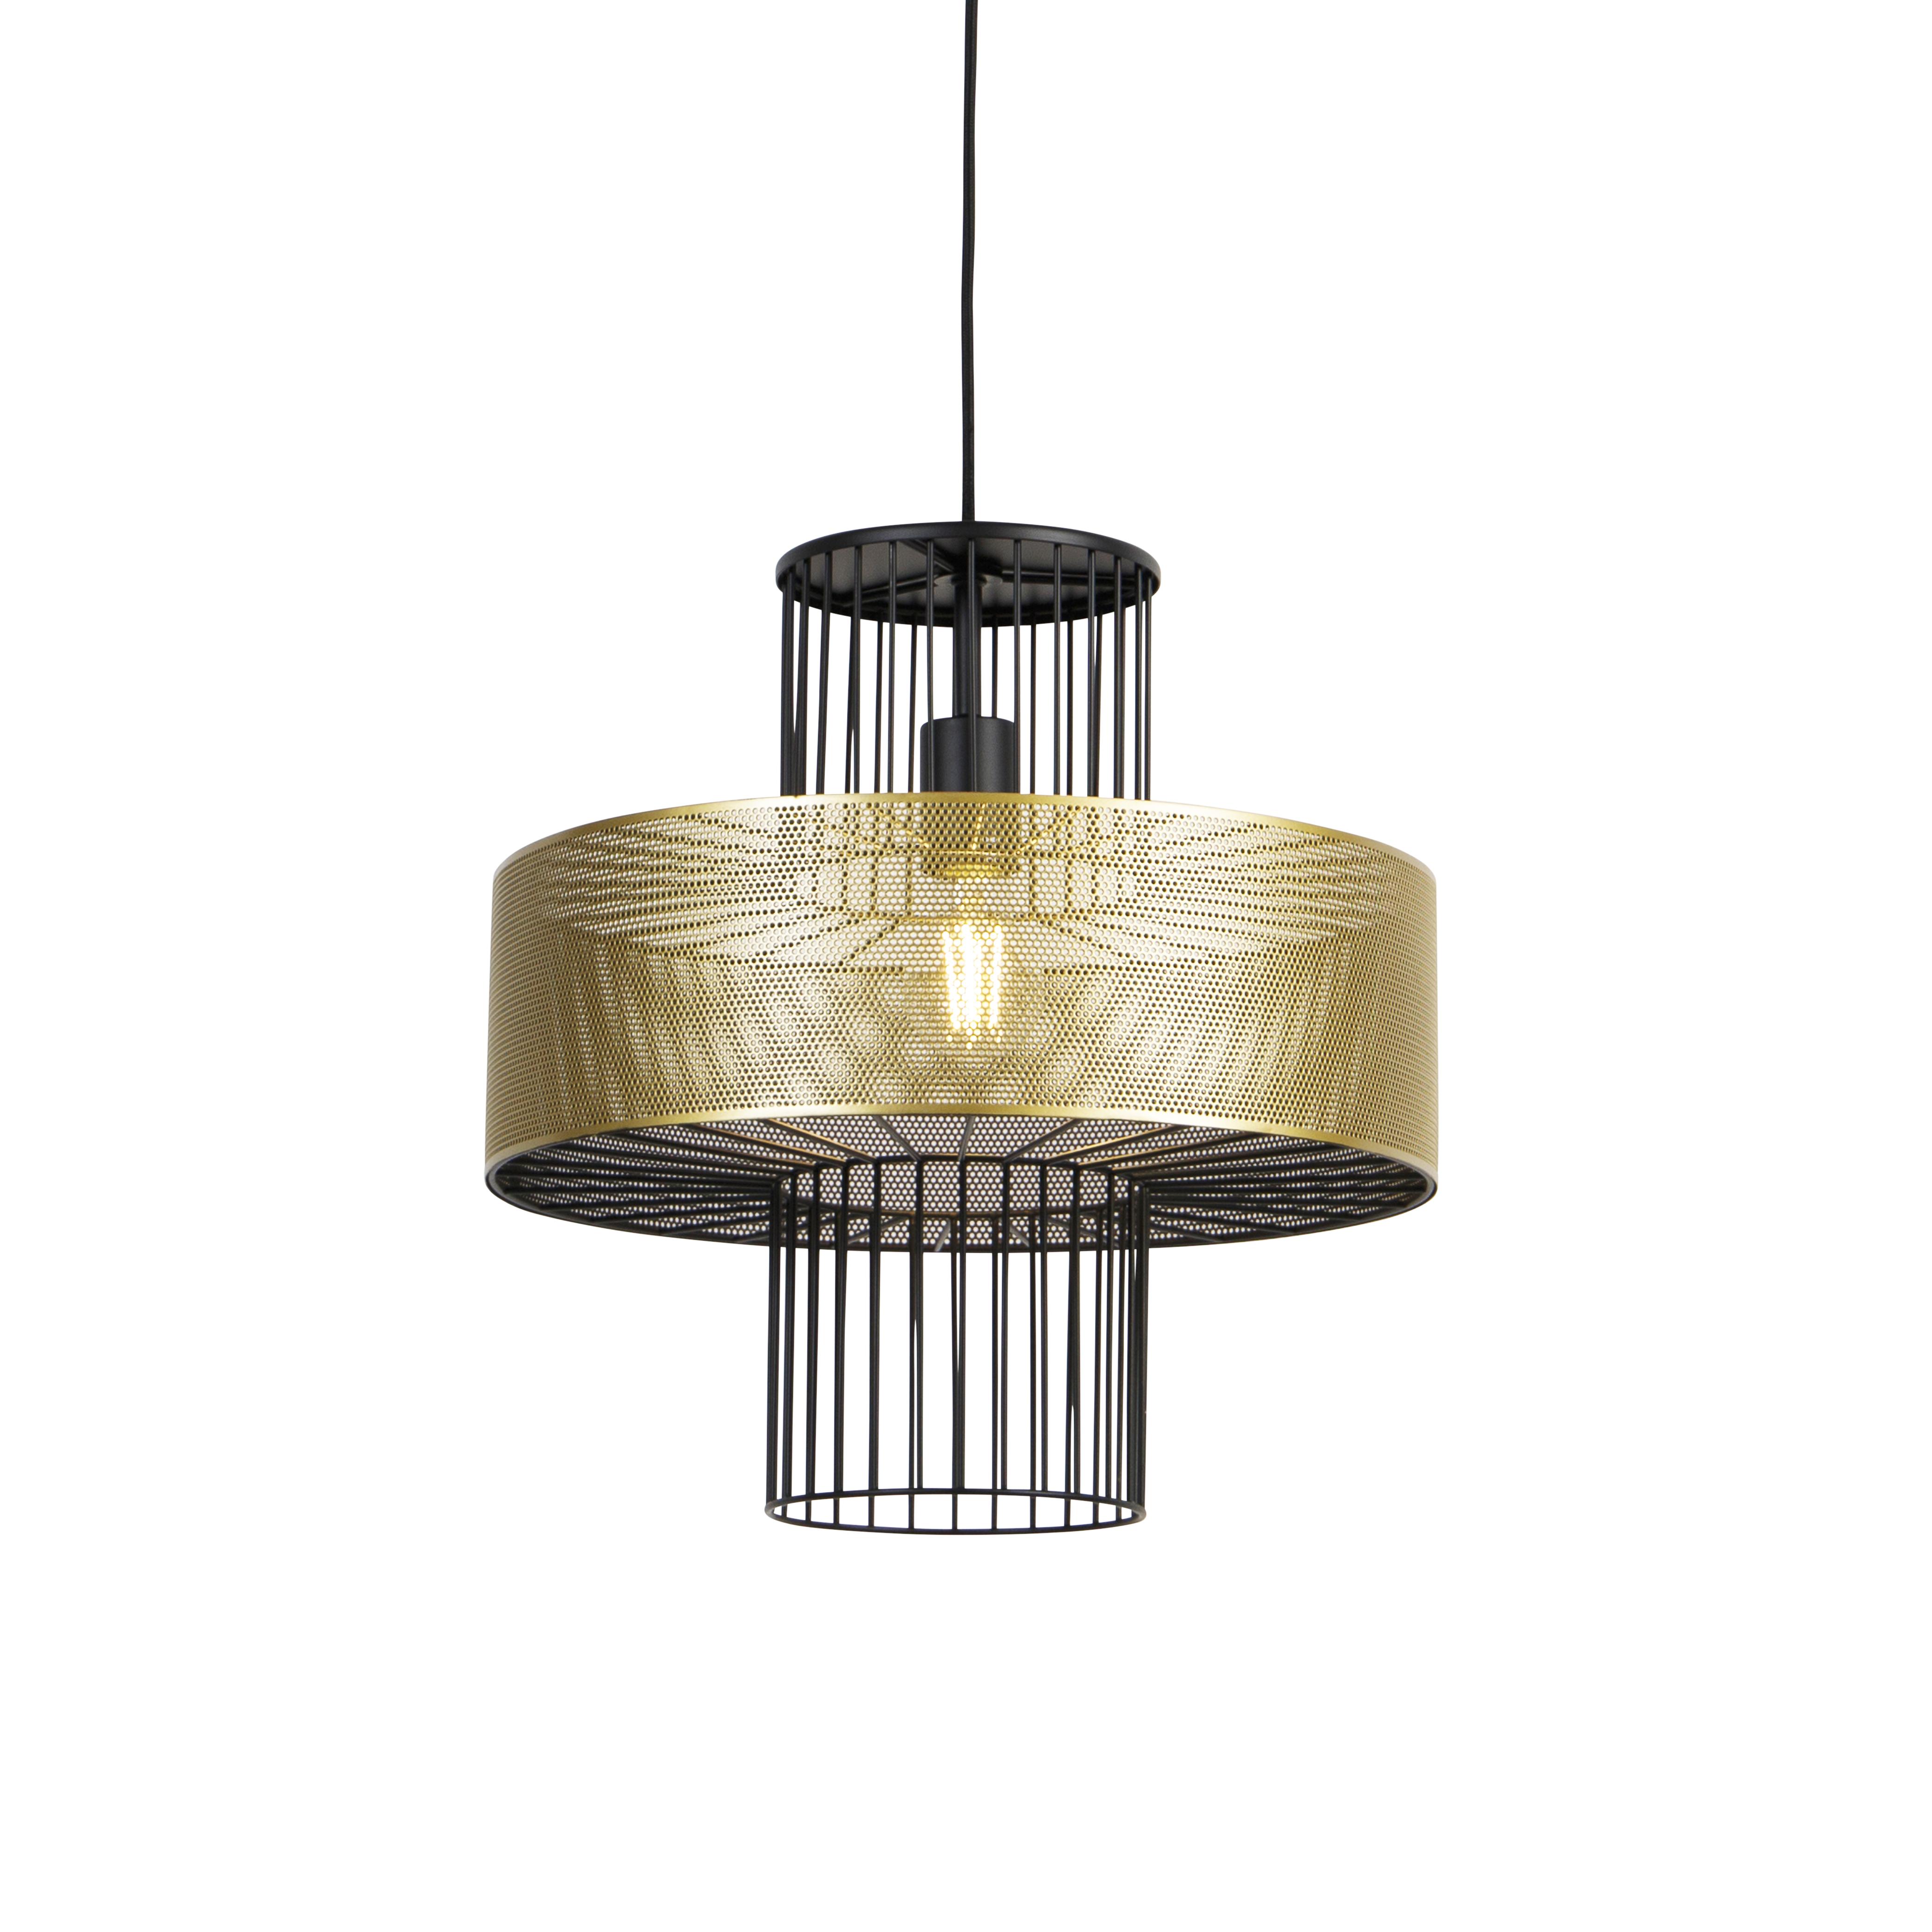 Designerska lampa wisząca złota z czarnym 40 cm - Tess